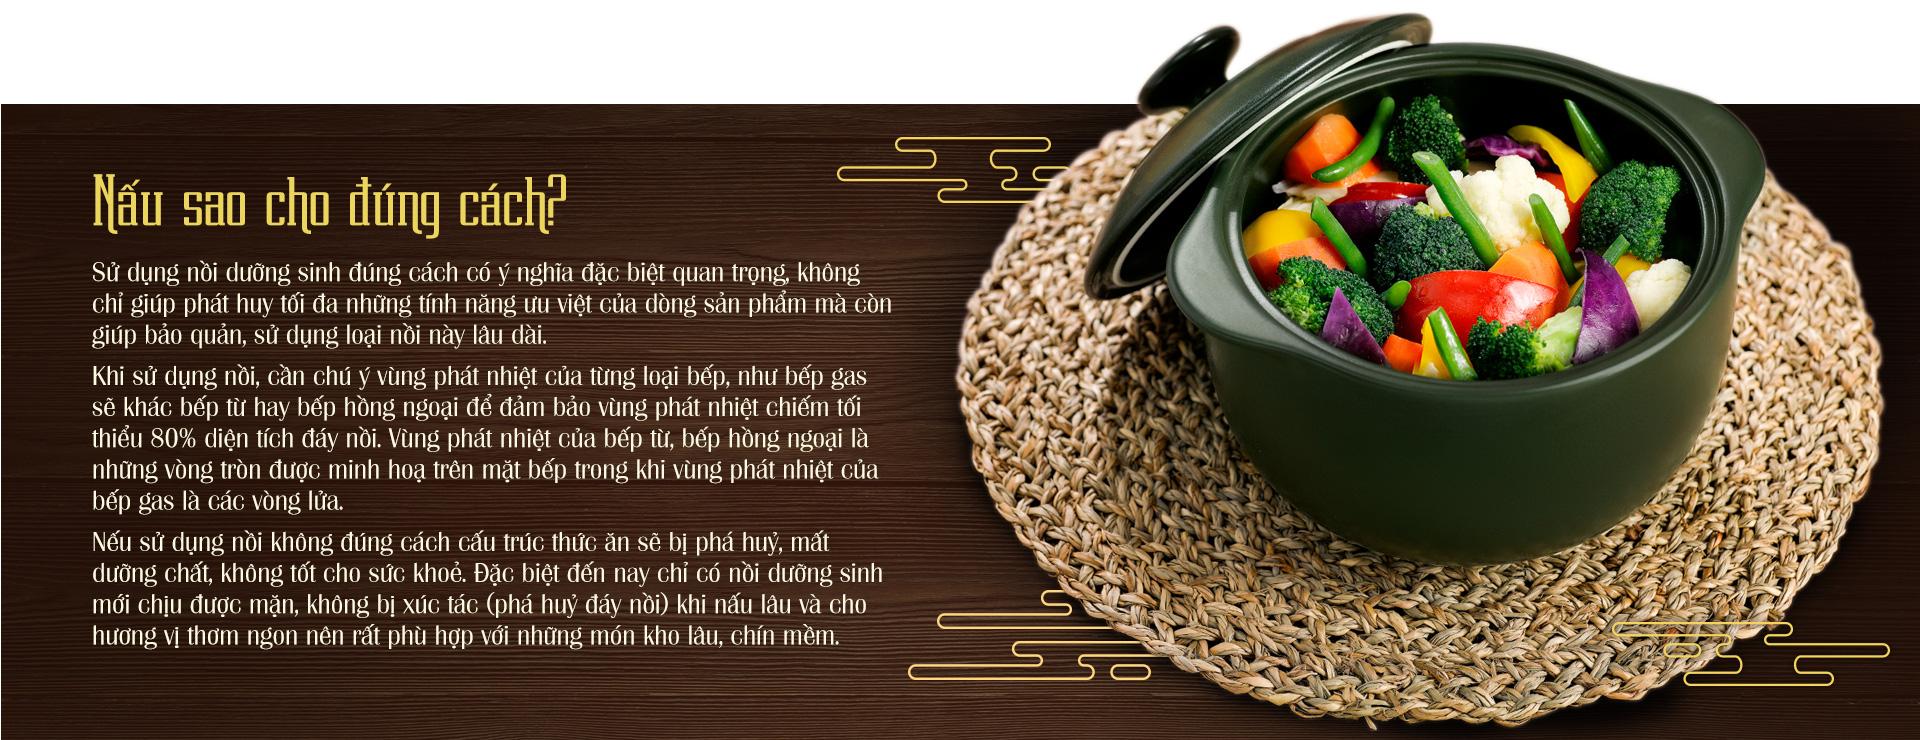 Tính ưu việt của nồi sứ dưỡng sinh Minh Long - Ảnh 8.